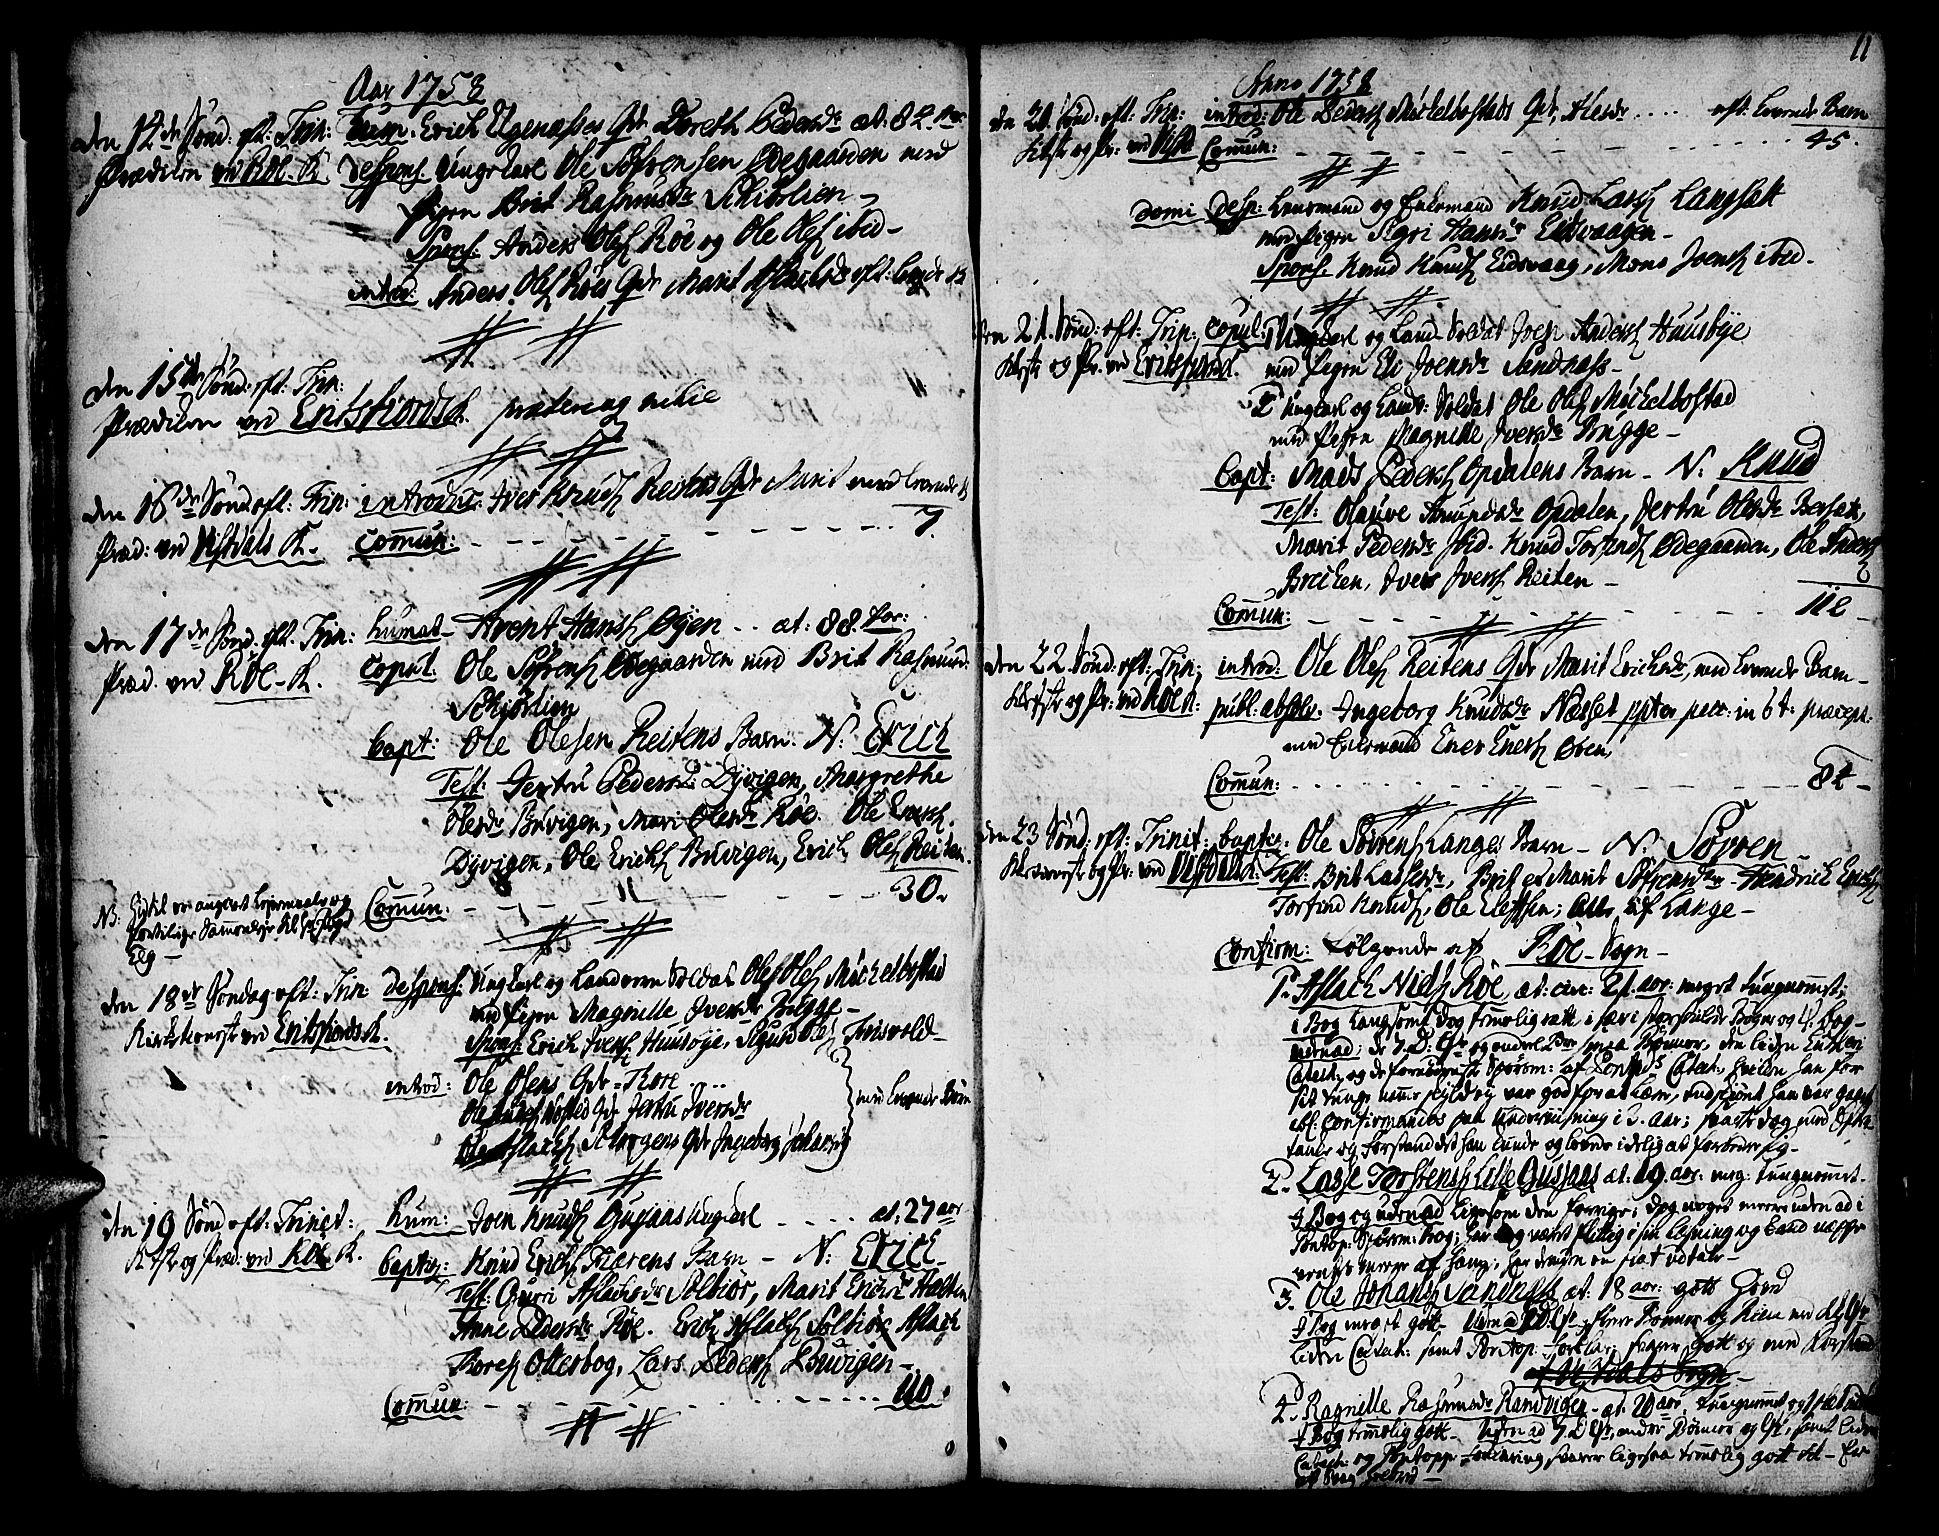 SAT, Ministerialprotokoller, klokkerbøker og fødselsregistre - Møre og Romsdal, 551/L0621: Ministerialbok nr. 551A01, 1757-1803, s. 11